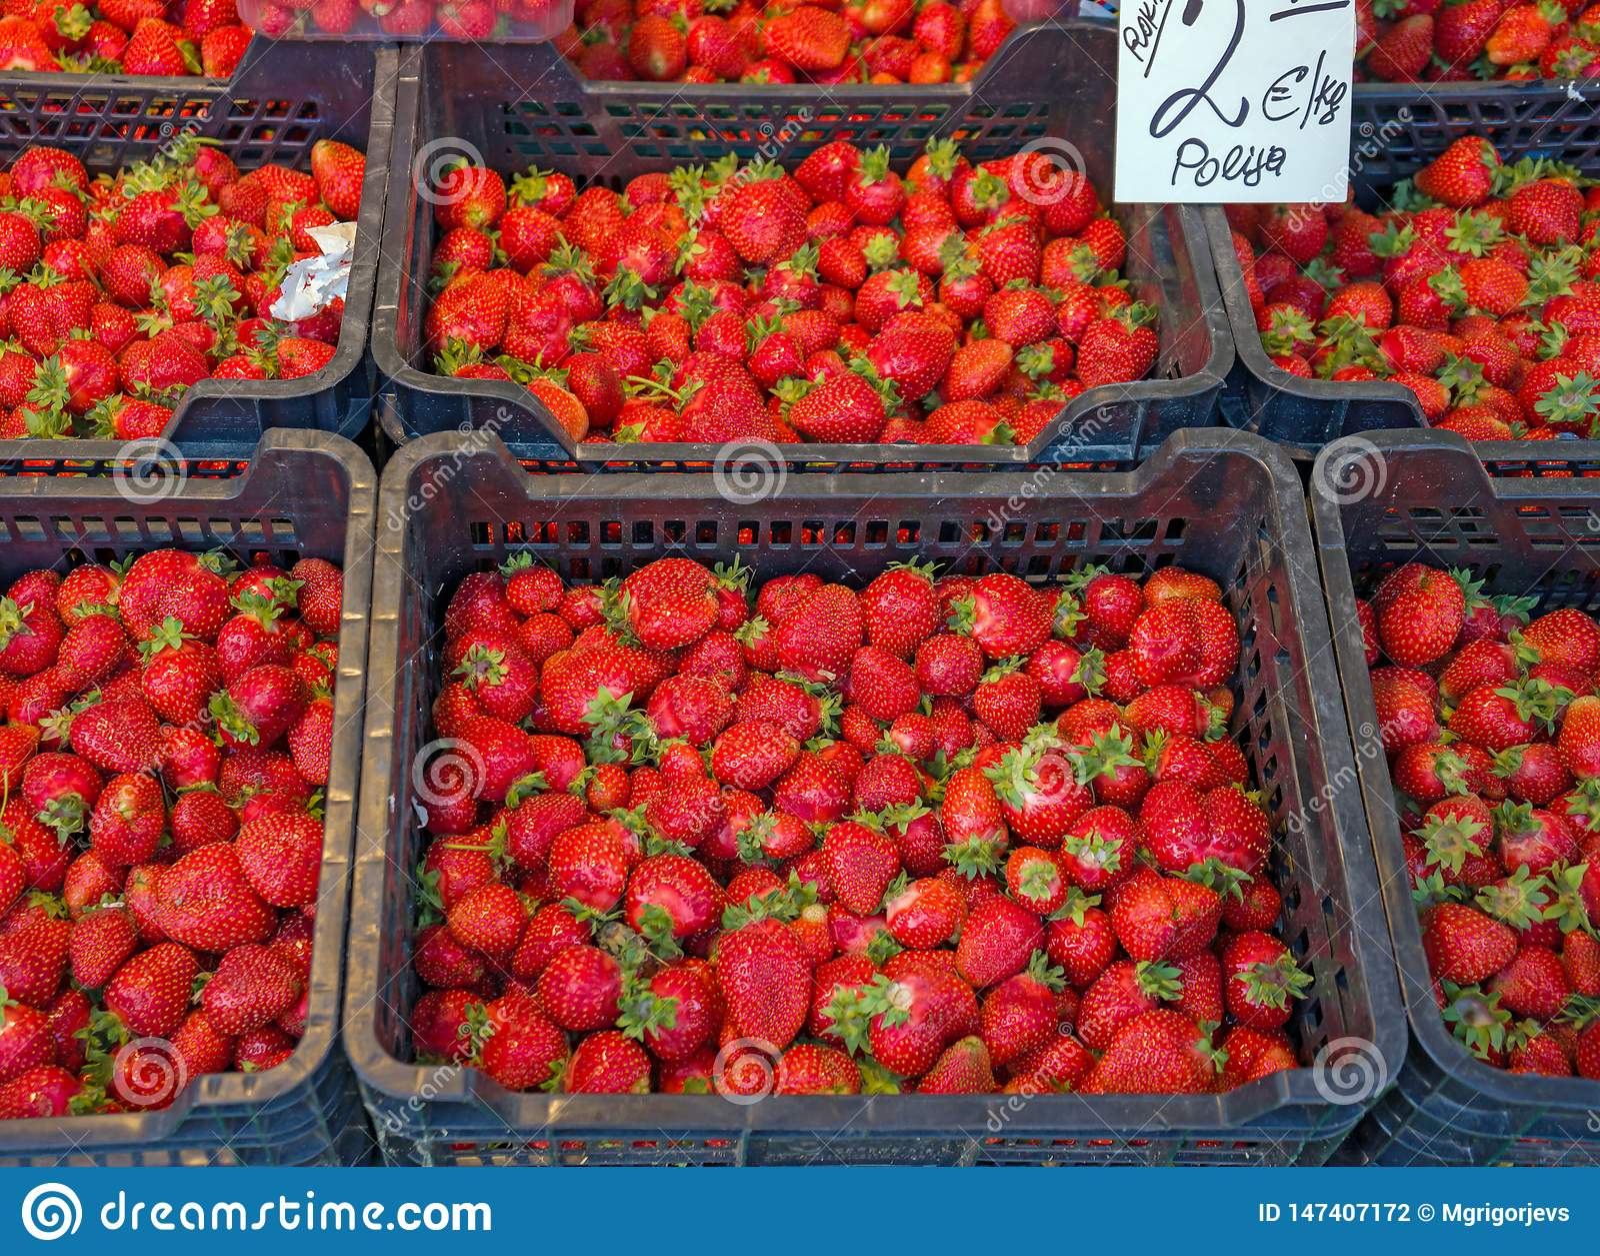 Свежие красные клубники в корзинах подготавливают для продажи на рынке, предпосылке от свежо сжатых клубник, выбранном фокусе